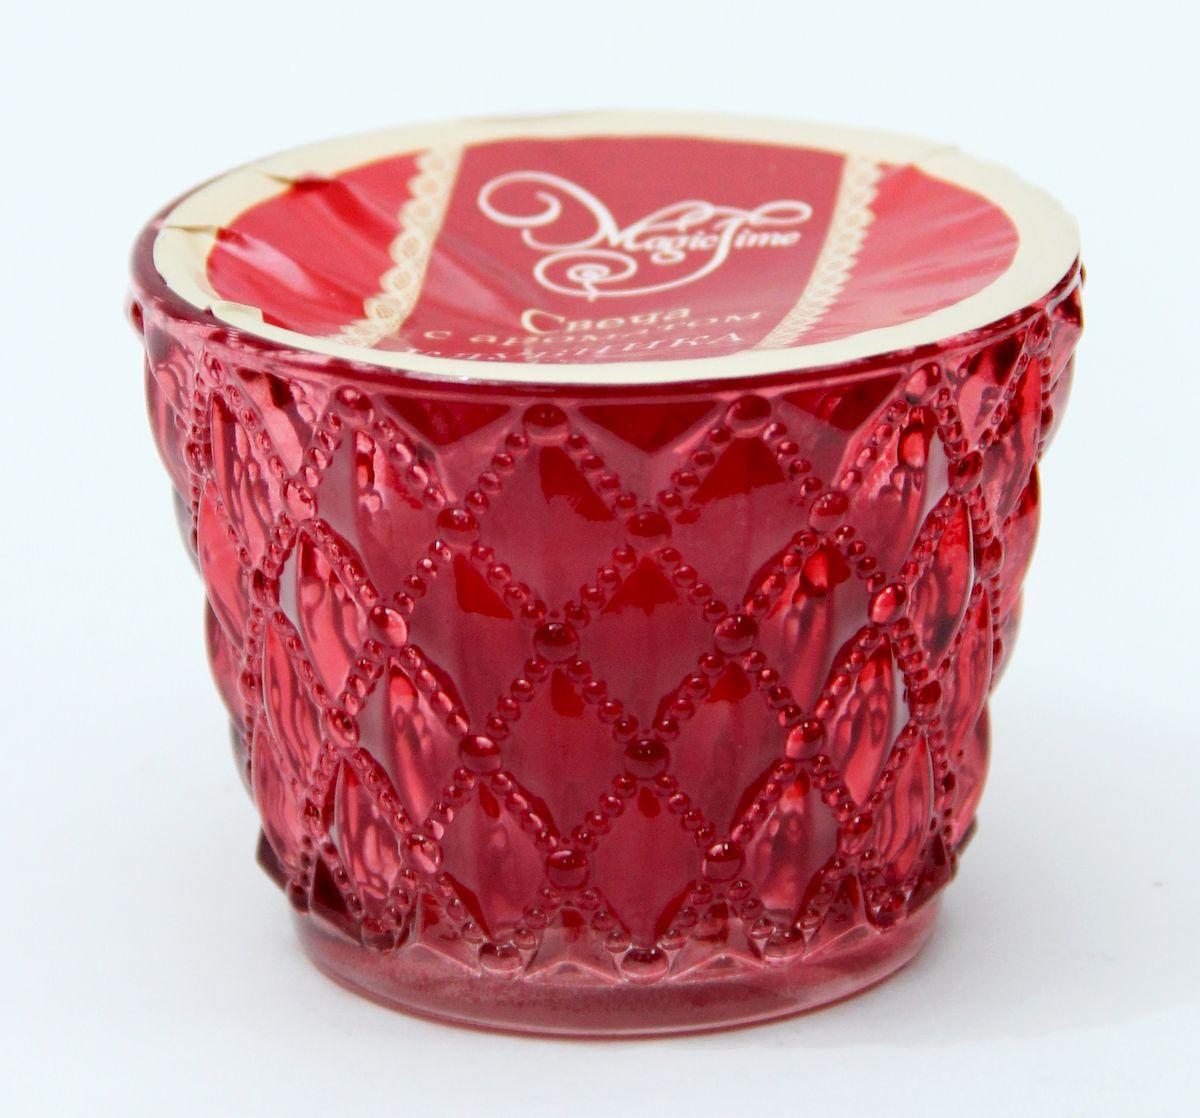 Декоративная ароматизированная свеча Magic Home, аромат Клубника, 41224 home religion свеча декоративная 50 см цилиндрическая 26003800